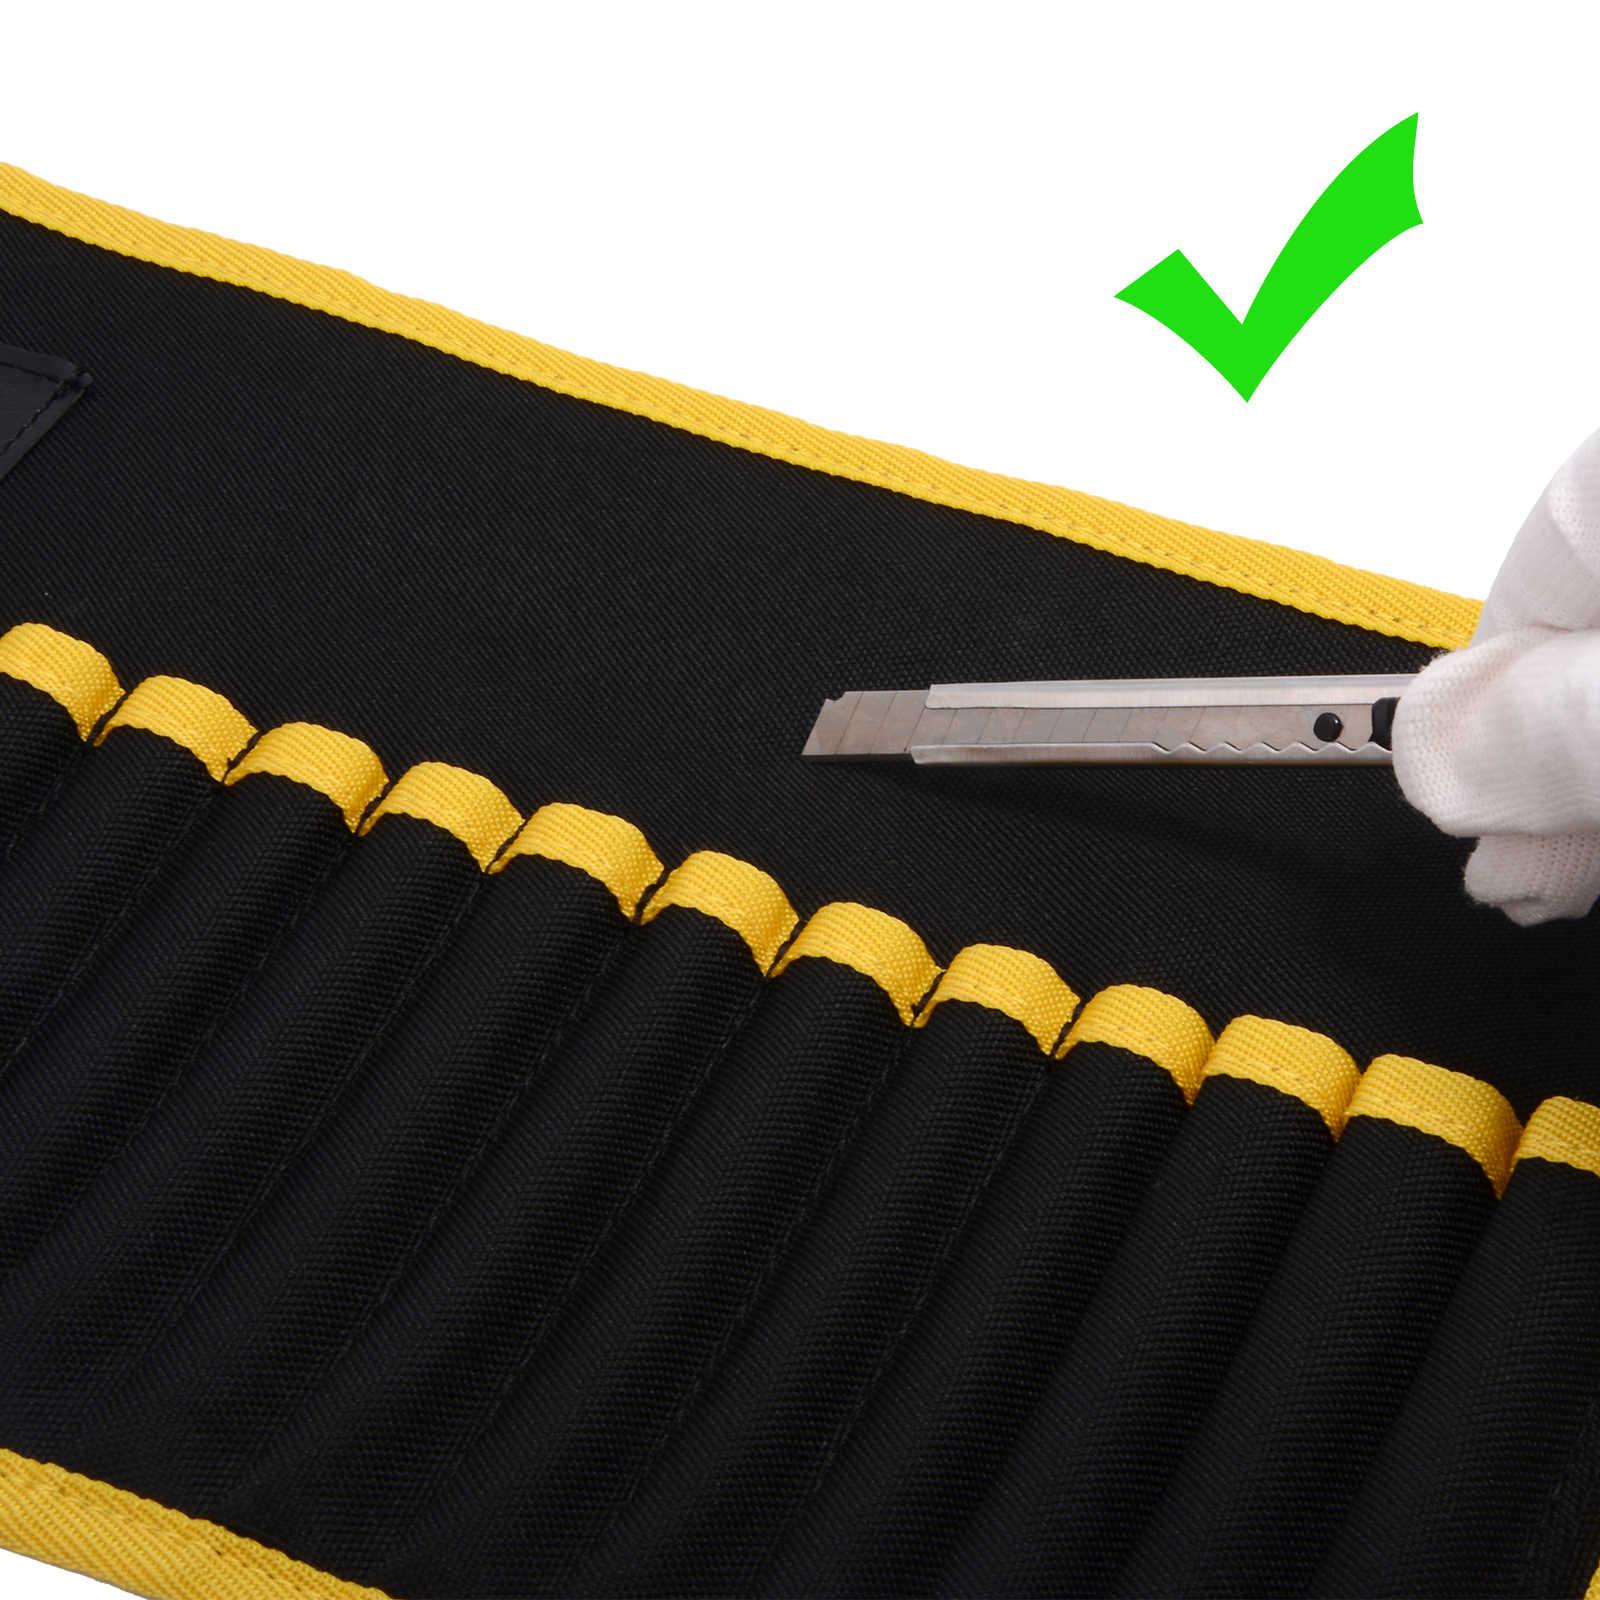 FOSHIO 32PCS Auto Fenster Tönung Werkzeuge Kit Magnetische Rakel + Magnet Tasche Auto Tönung Schaber Carbon Faser Vinyl Film wrap Werkzeuge Set